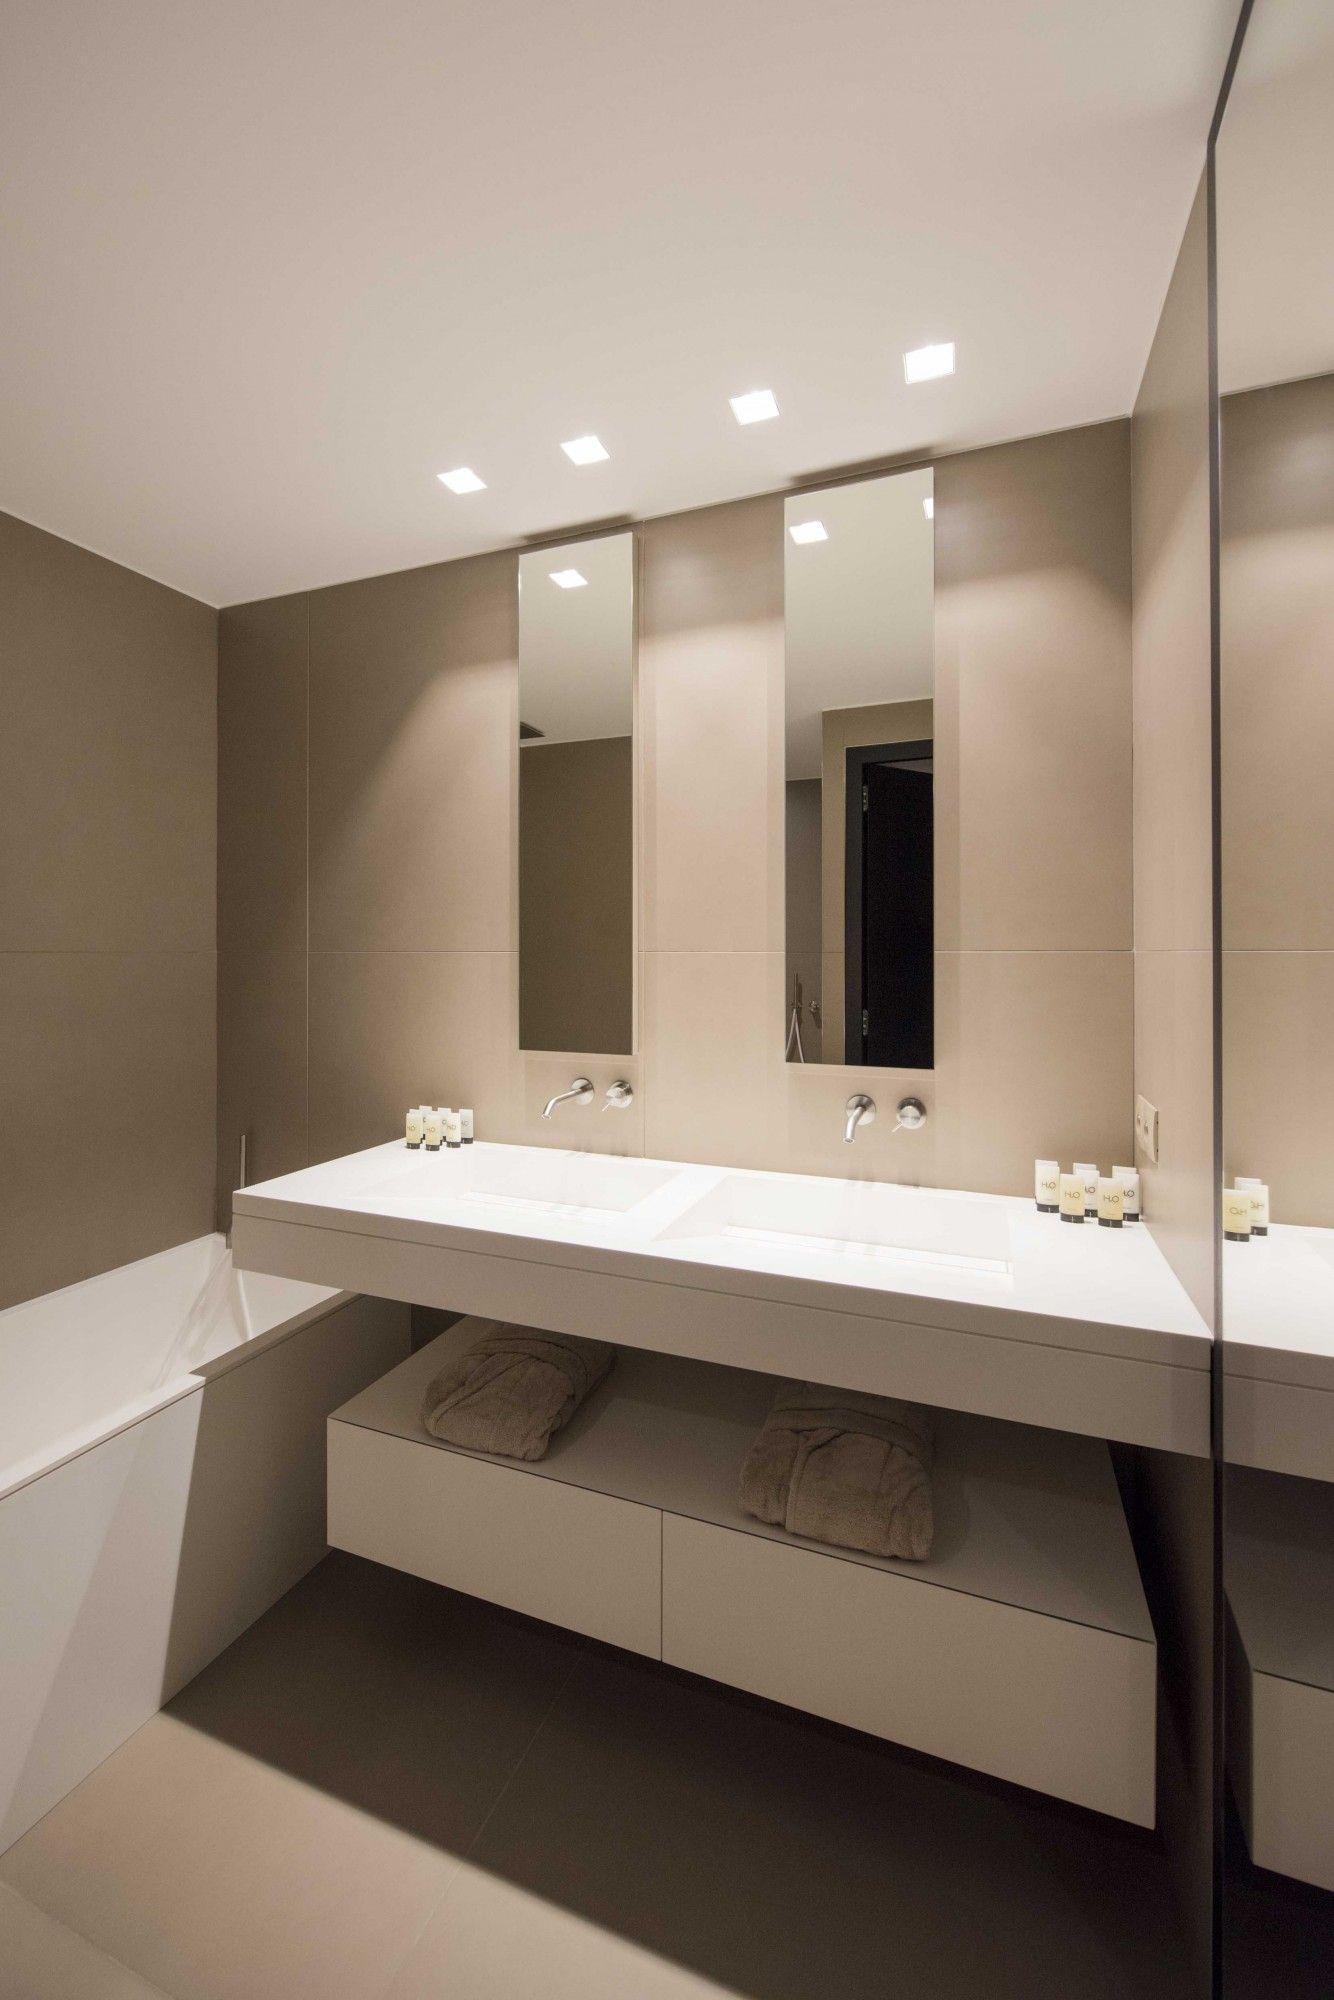 Salle de bain, taupe, luxe chic | Travaux salle de bain ...